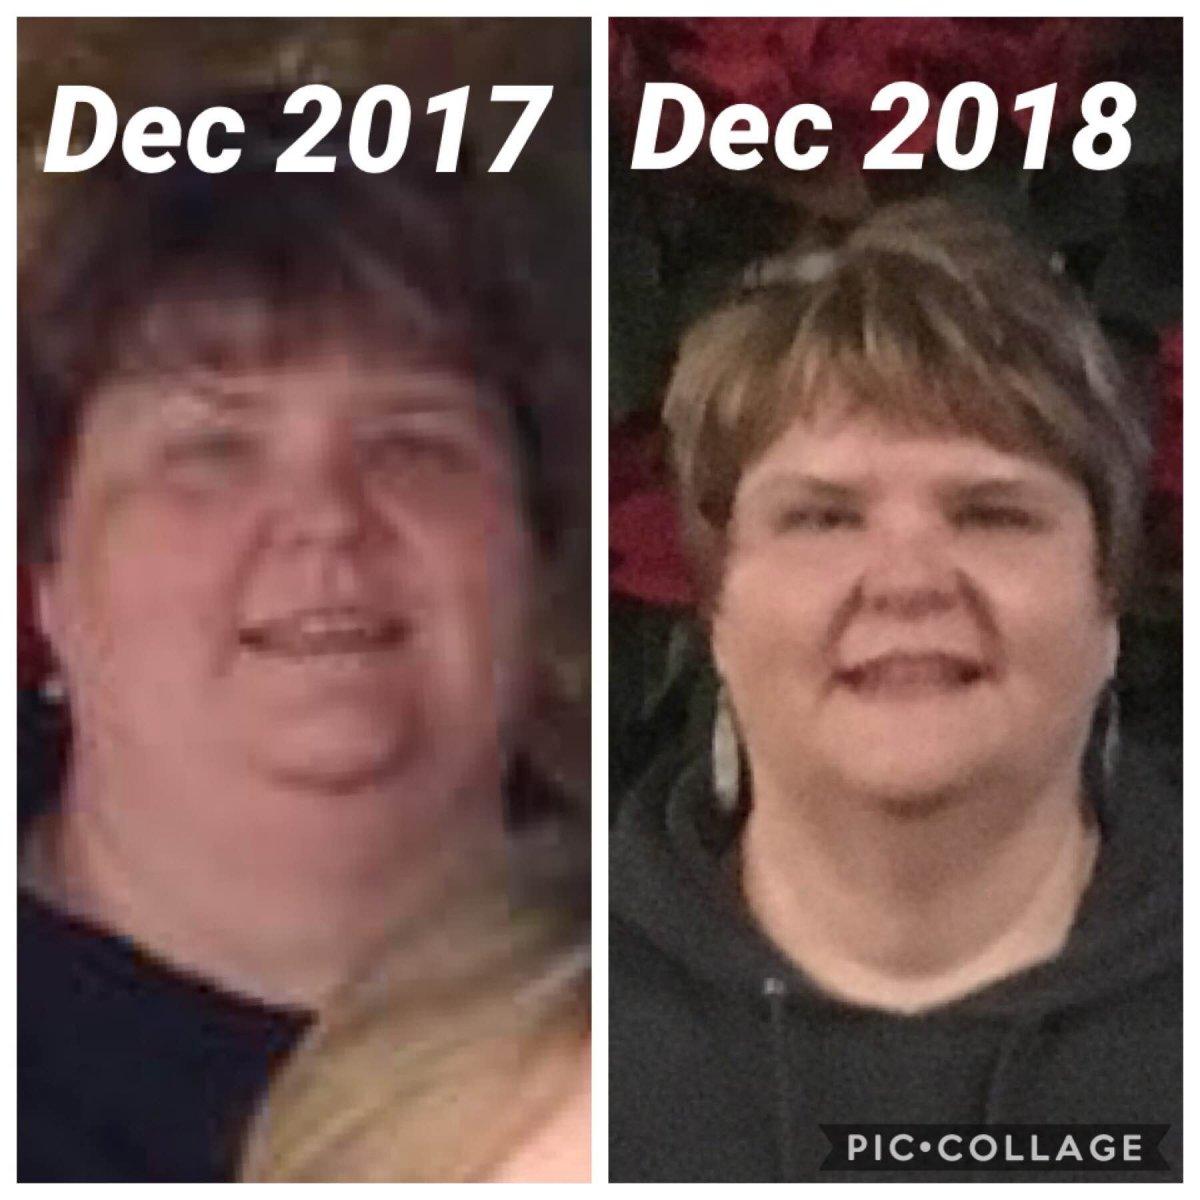 2 months post op